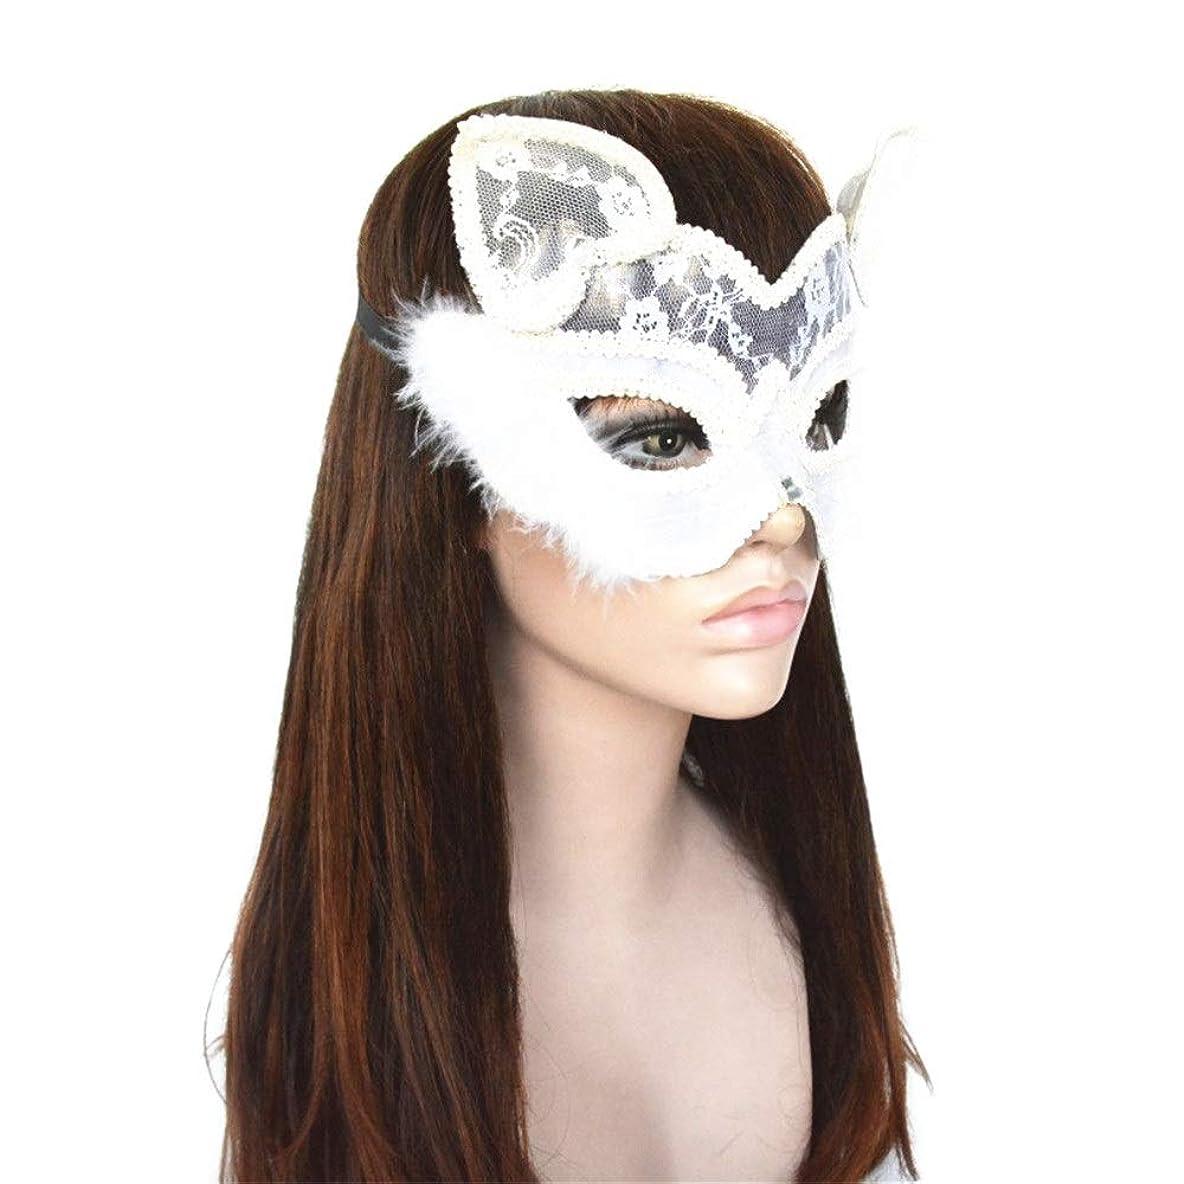 依存衰える好戦的なダンスマスク レース楽しい女性動物猫顔ポリ塩化ビニールハロウィンマスククリスマス製品コスプレナイトクラブパーティーマスク ホリデーパーティー用品 (色 : 白, サイズ : 19x15.5cm)